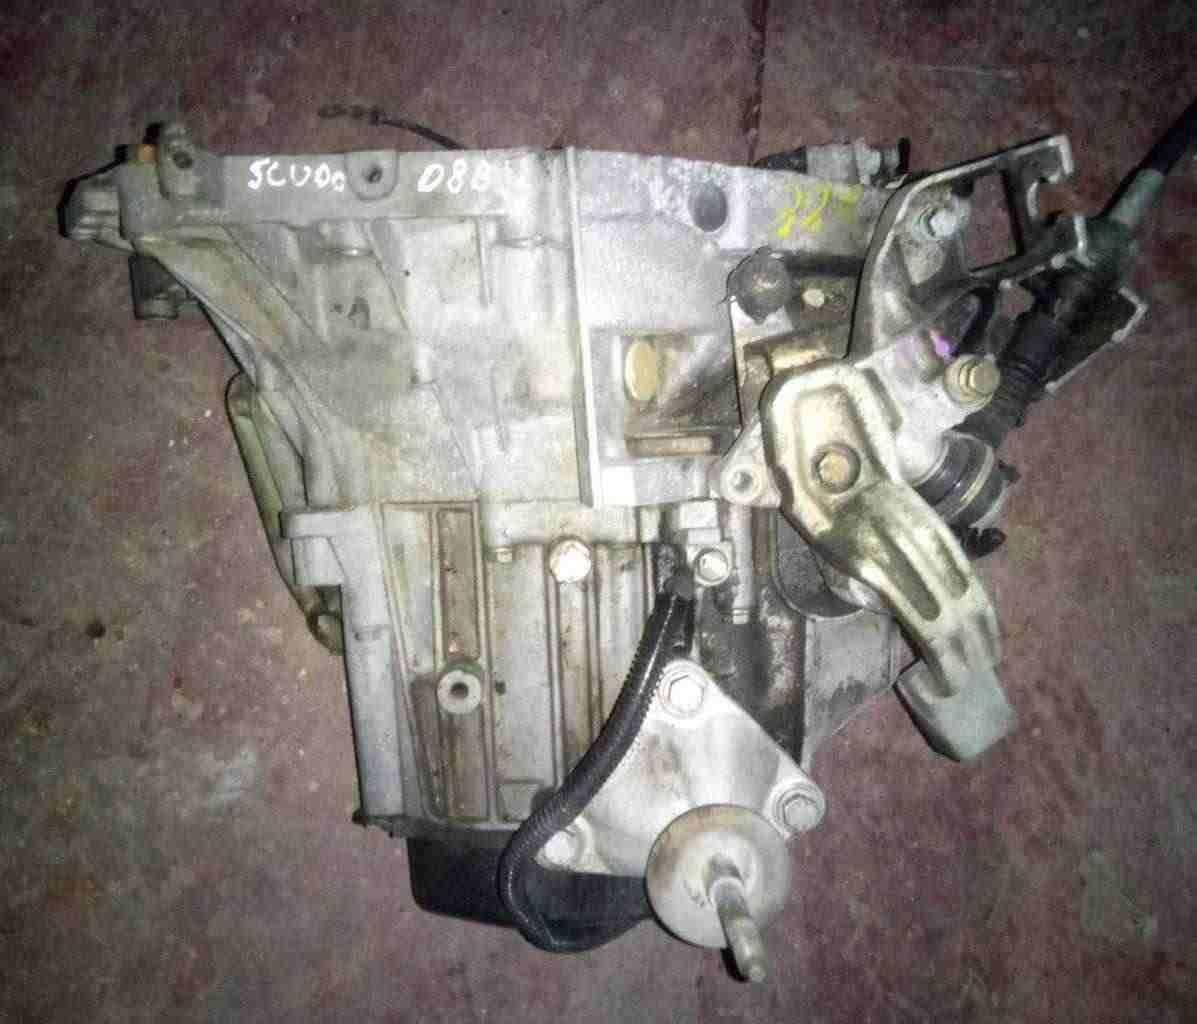 Cambio Fiat Scudo 1900 Turbo diesel anno 1998 D8B